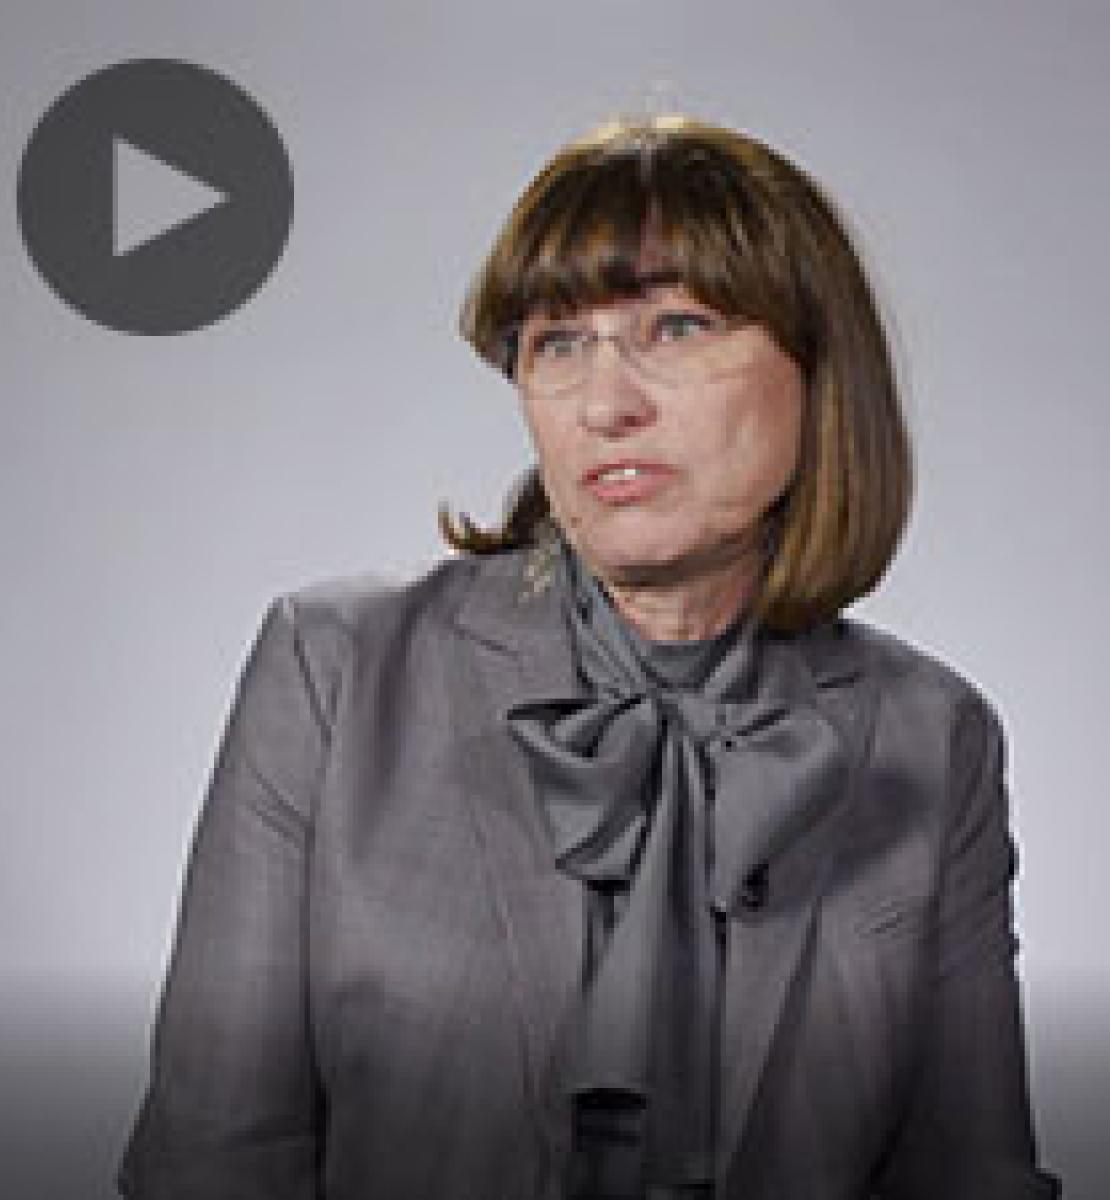 Screenshot from video message shows Resident Coordinator, Elena Panova